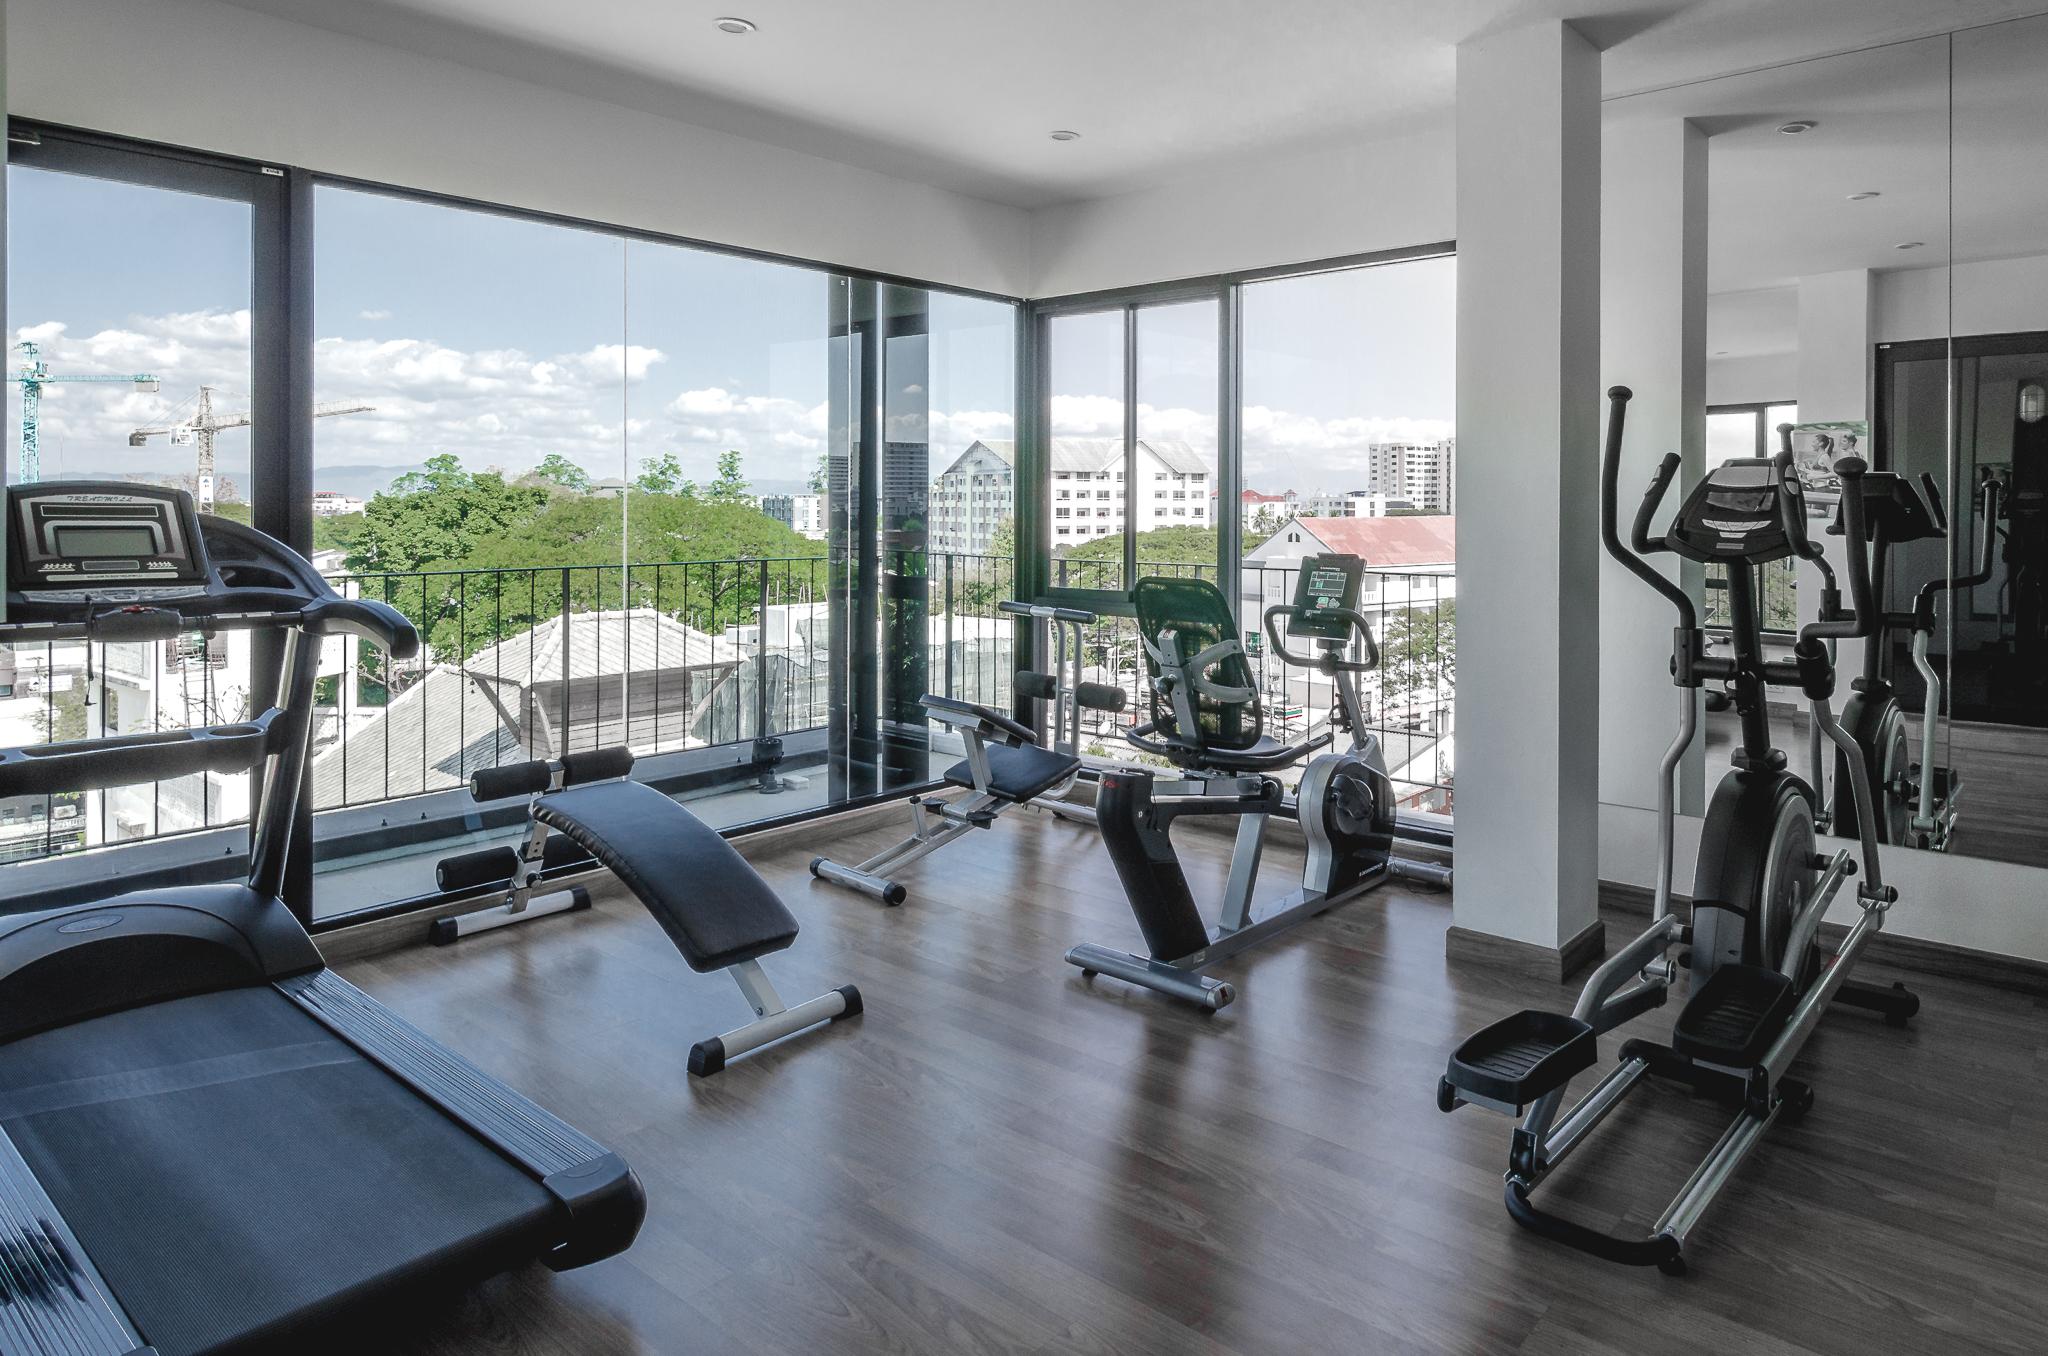 the-nimman-condo-chiang-mai-thailand-gym.jpg